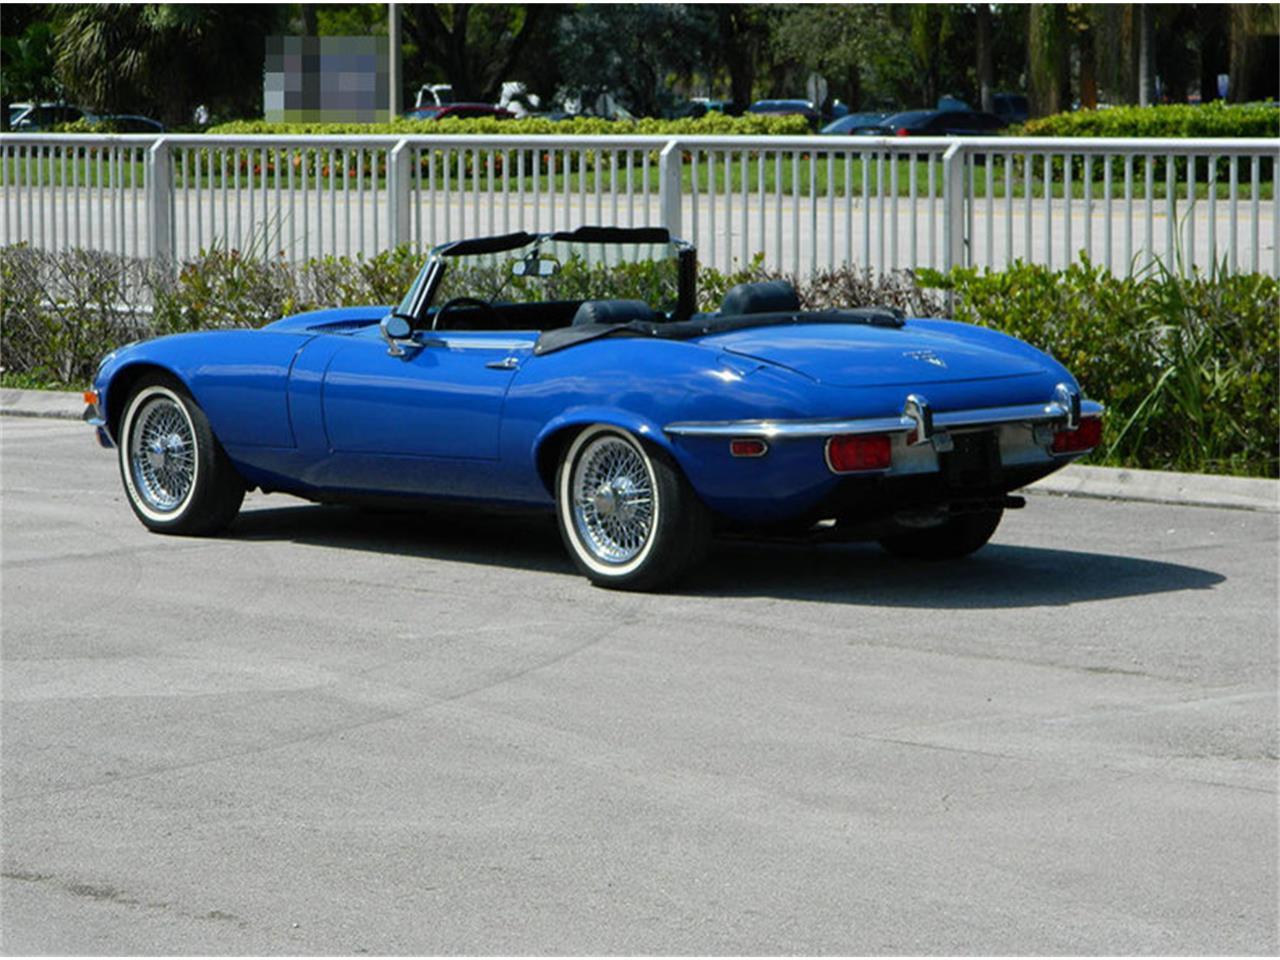 Large Picture of Classic '73 Jaguar XKE Auction Vehicle - NO0U